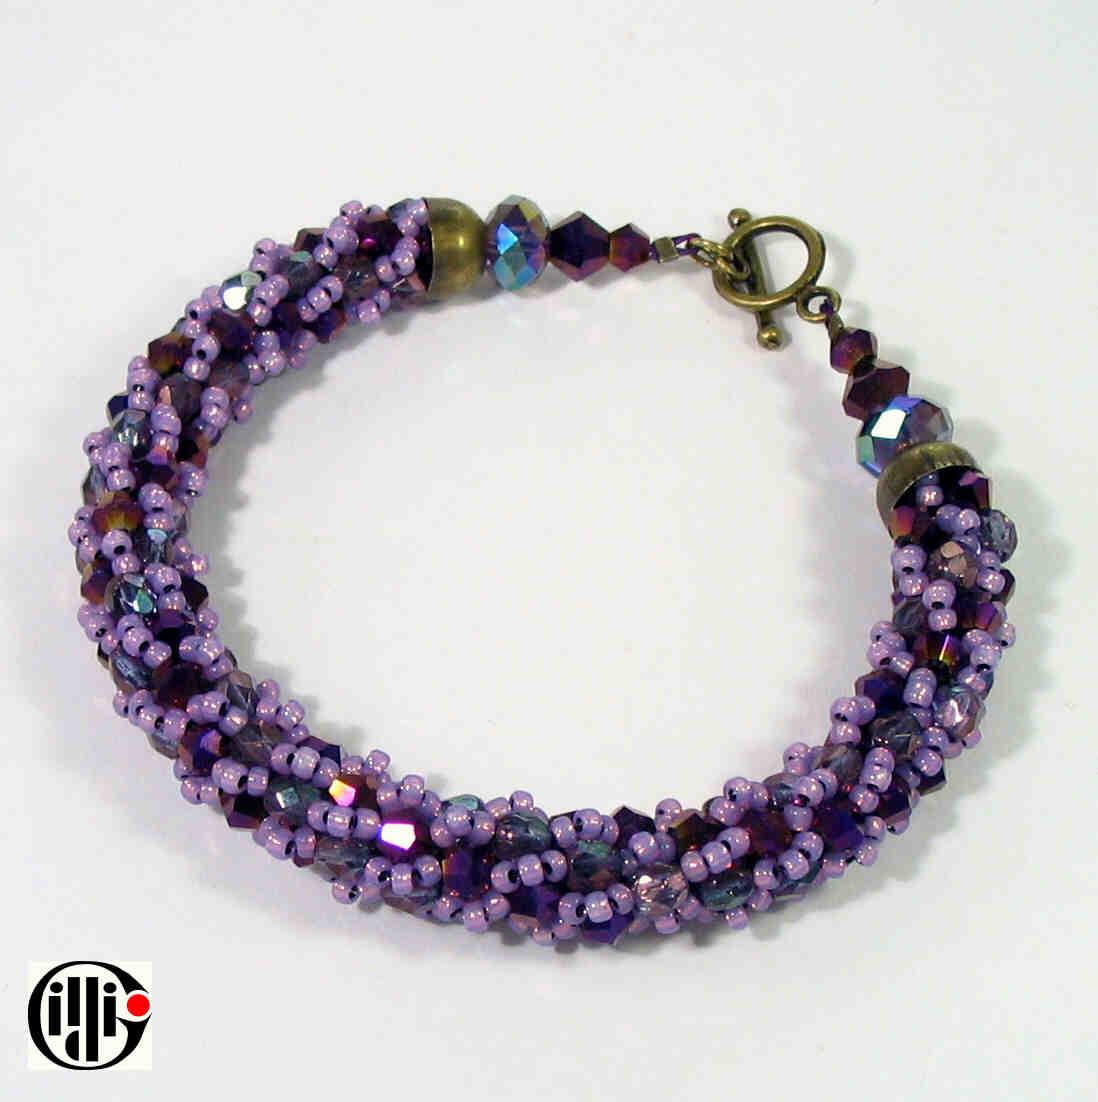 Crocheting Beads : MEg sz?mos meglepetEst rejteget sz?momra ez a technika Es ...